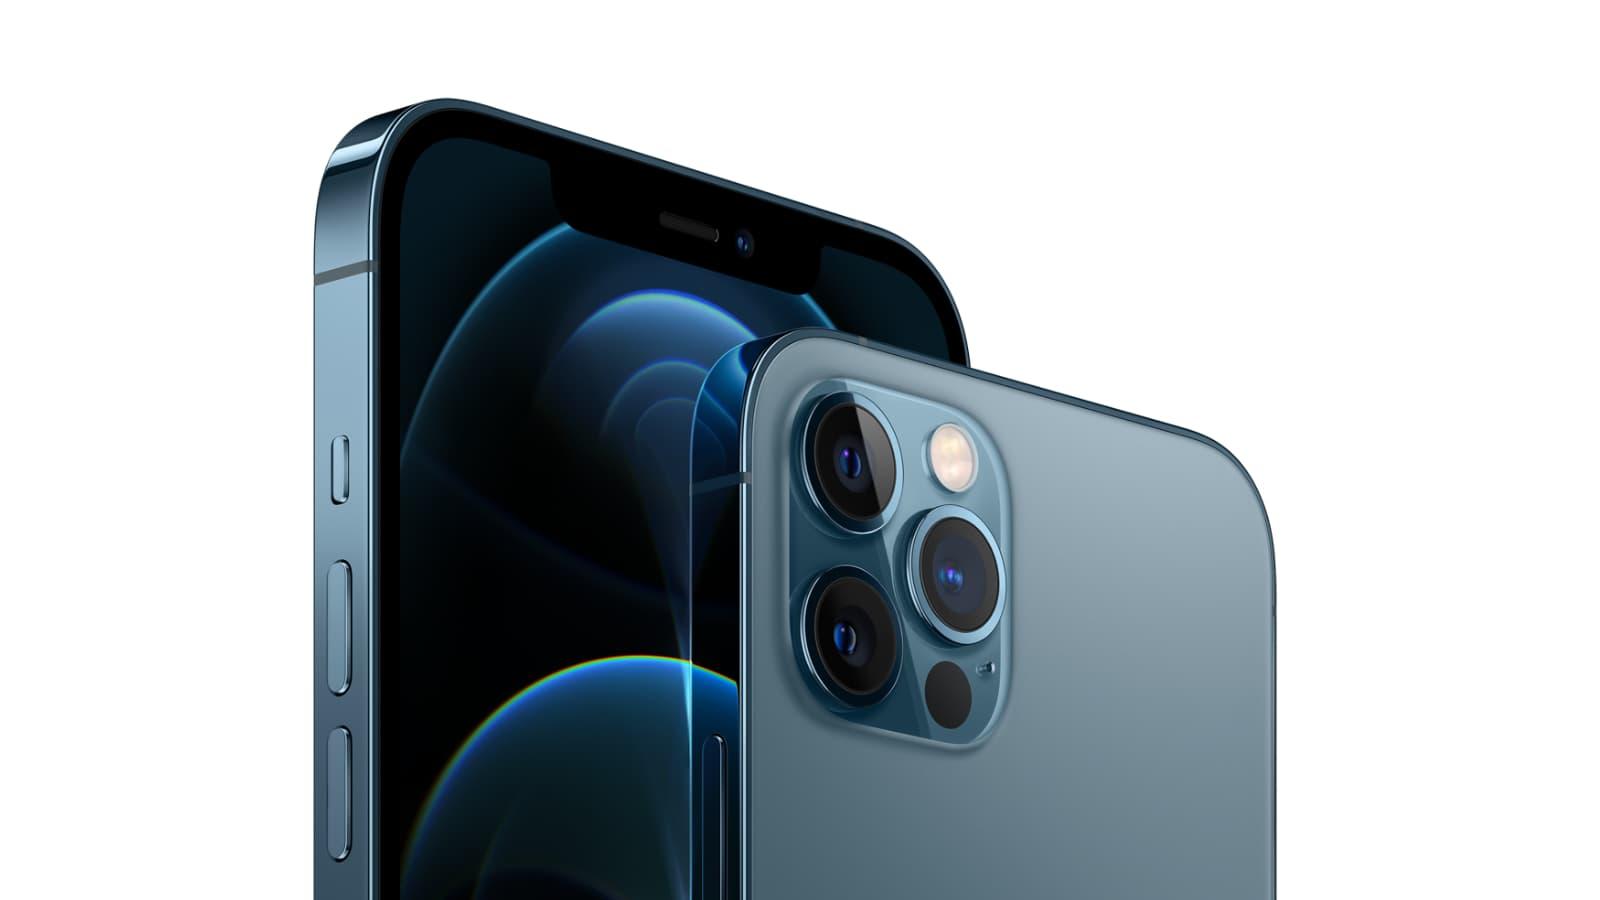 Devenez un vrai pro de la photo avec l'iPhone 12 Pro